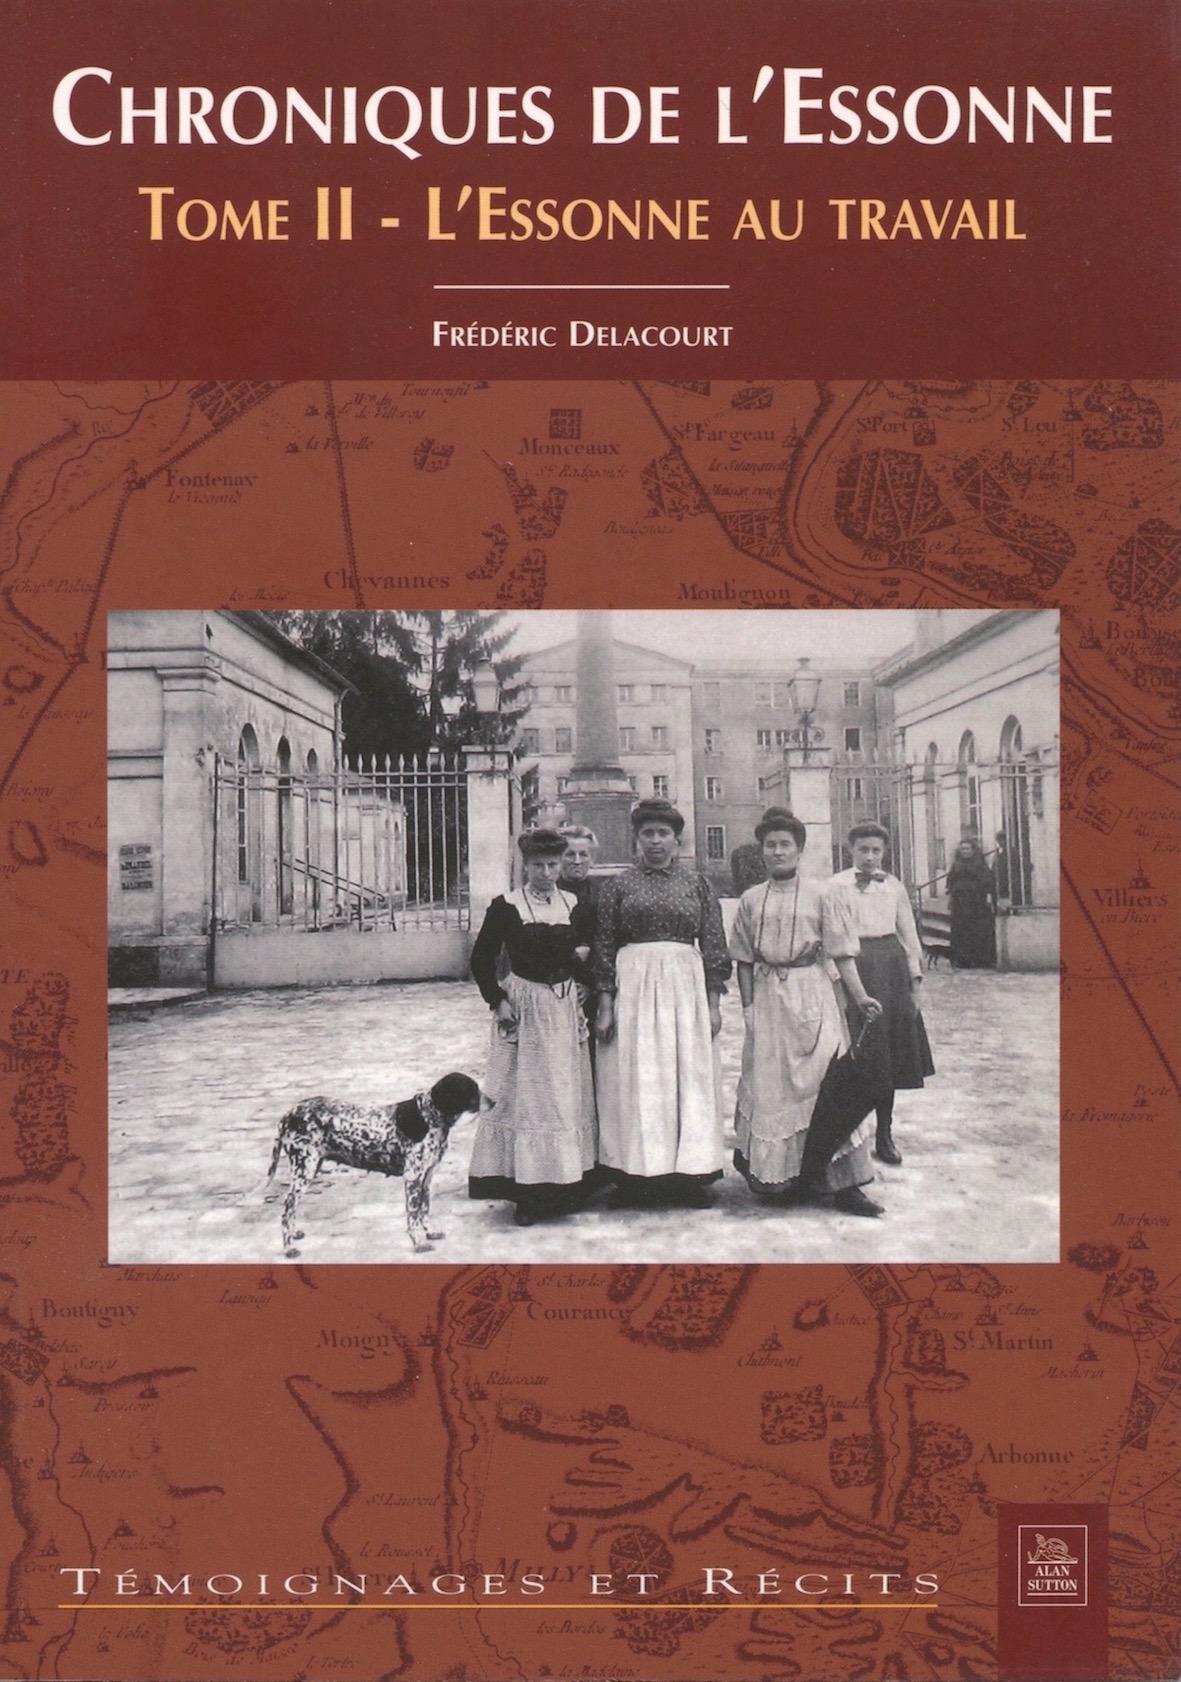 Chroniques de l'Essonne Tome II - L'Essonne au travail